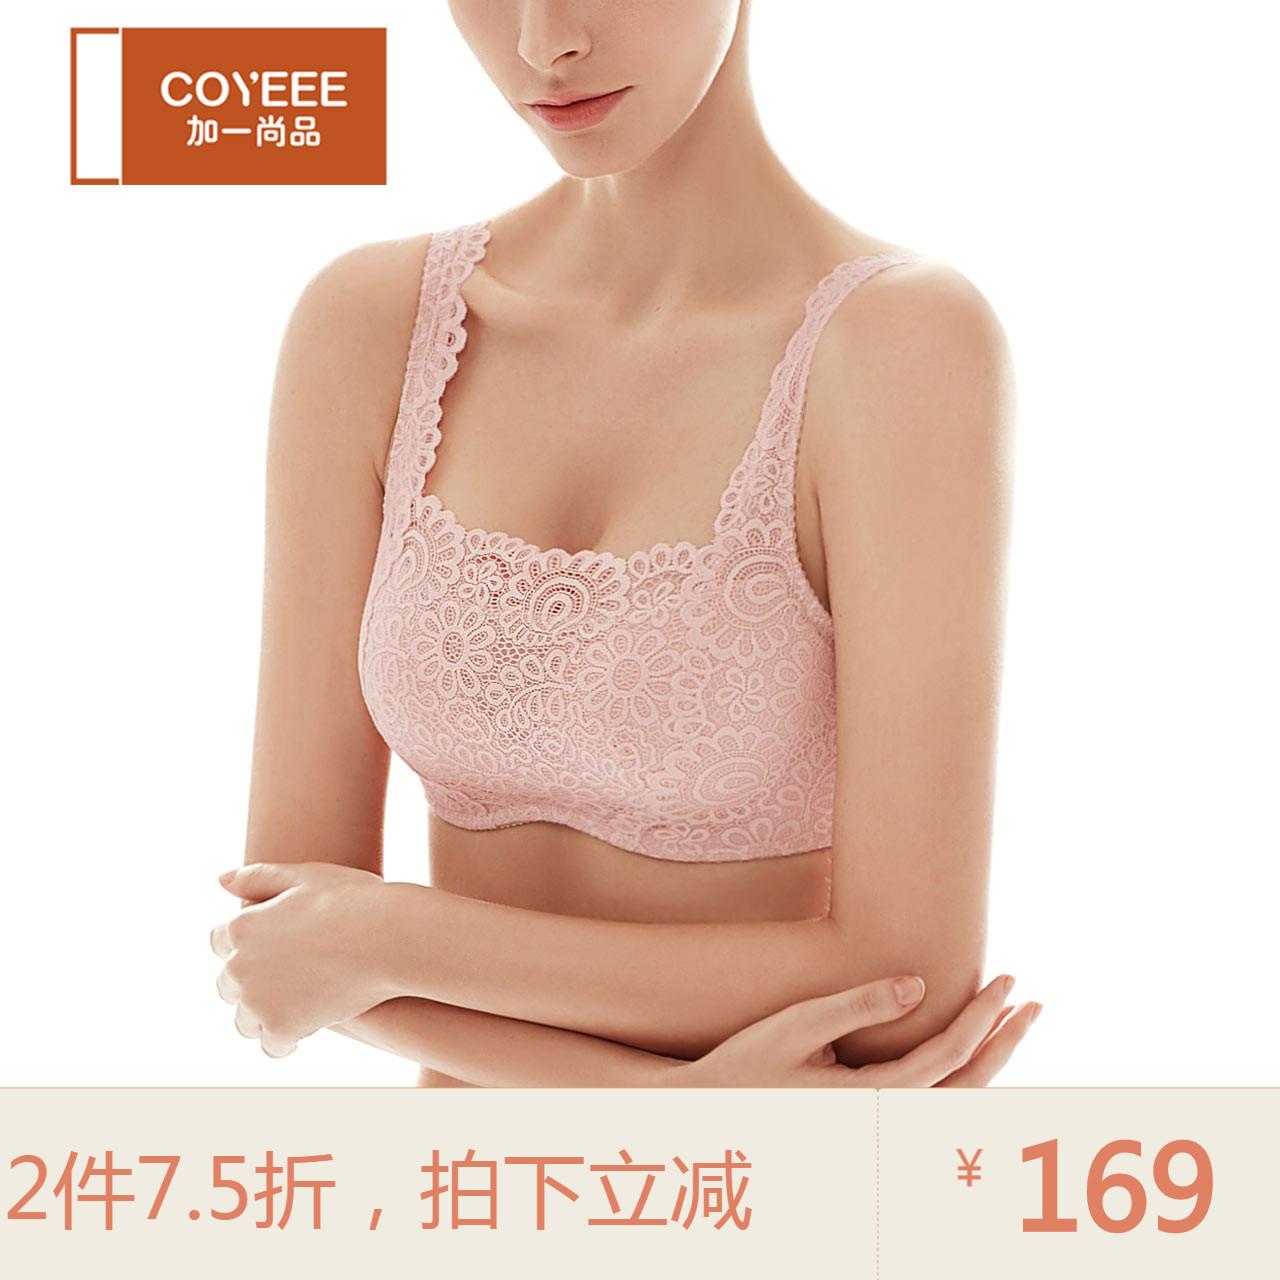 加一尚品裹胸式厚薄款蕾丝内衣女无钢圈聚拢防走光抹胸文胸罩S30